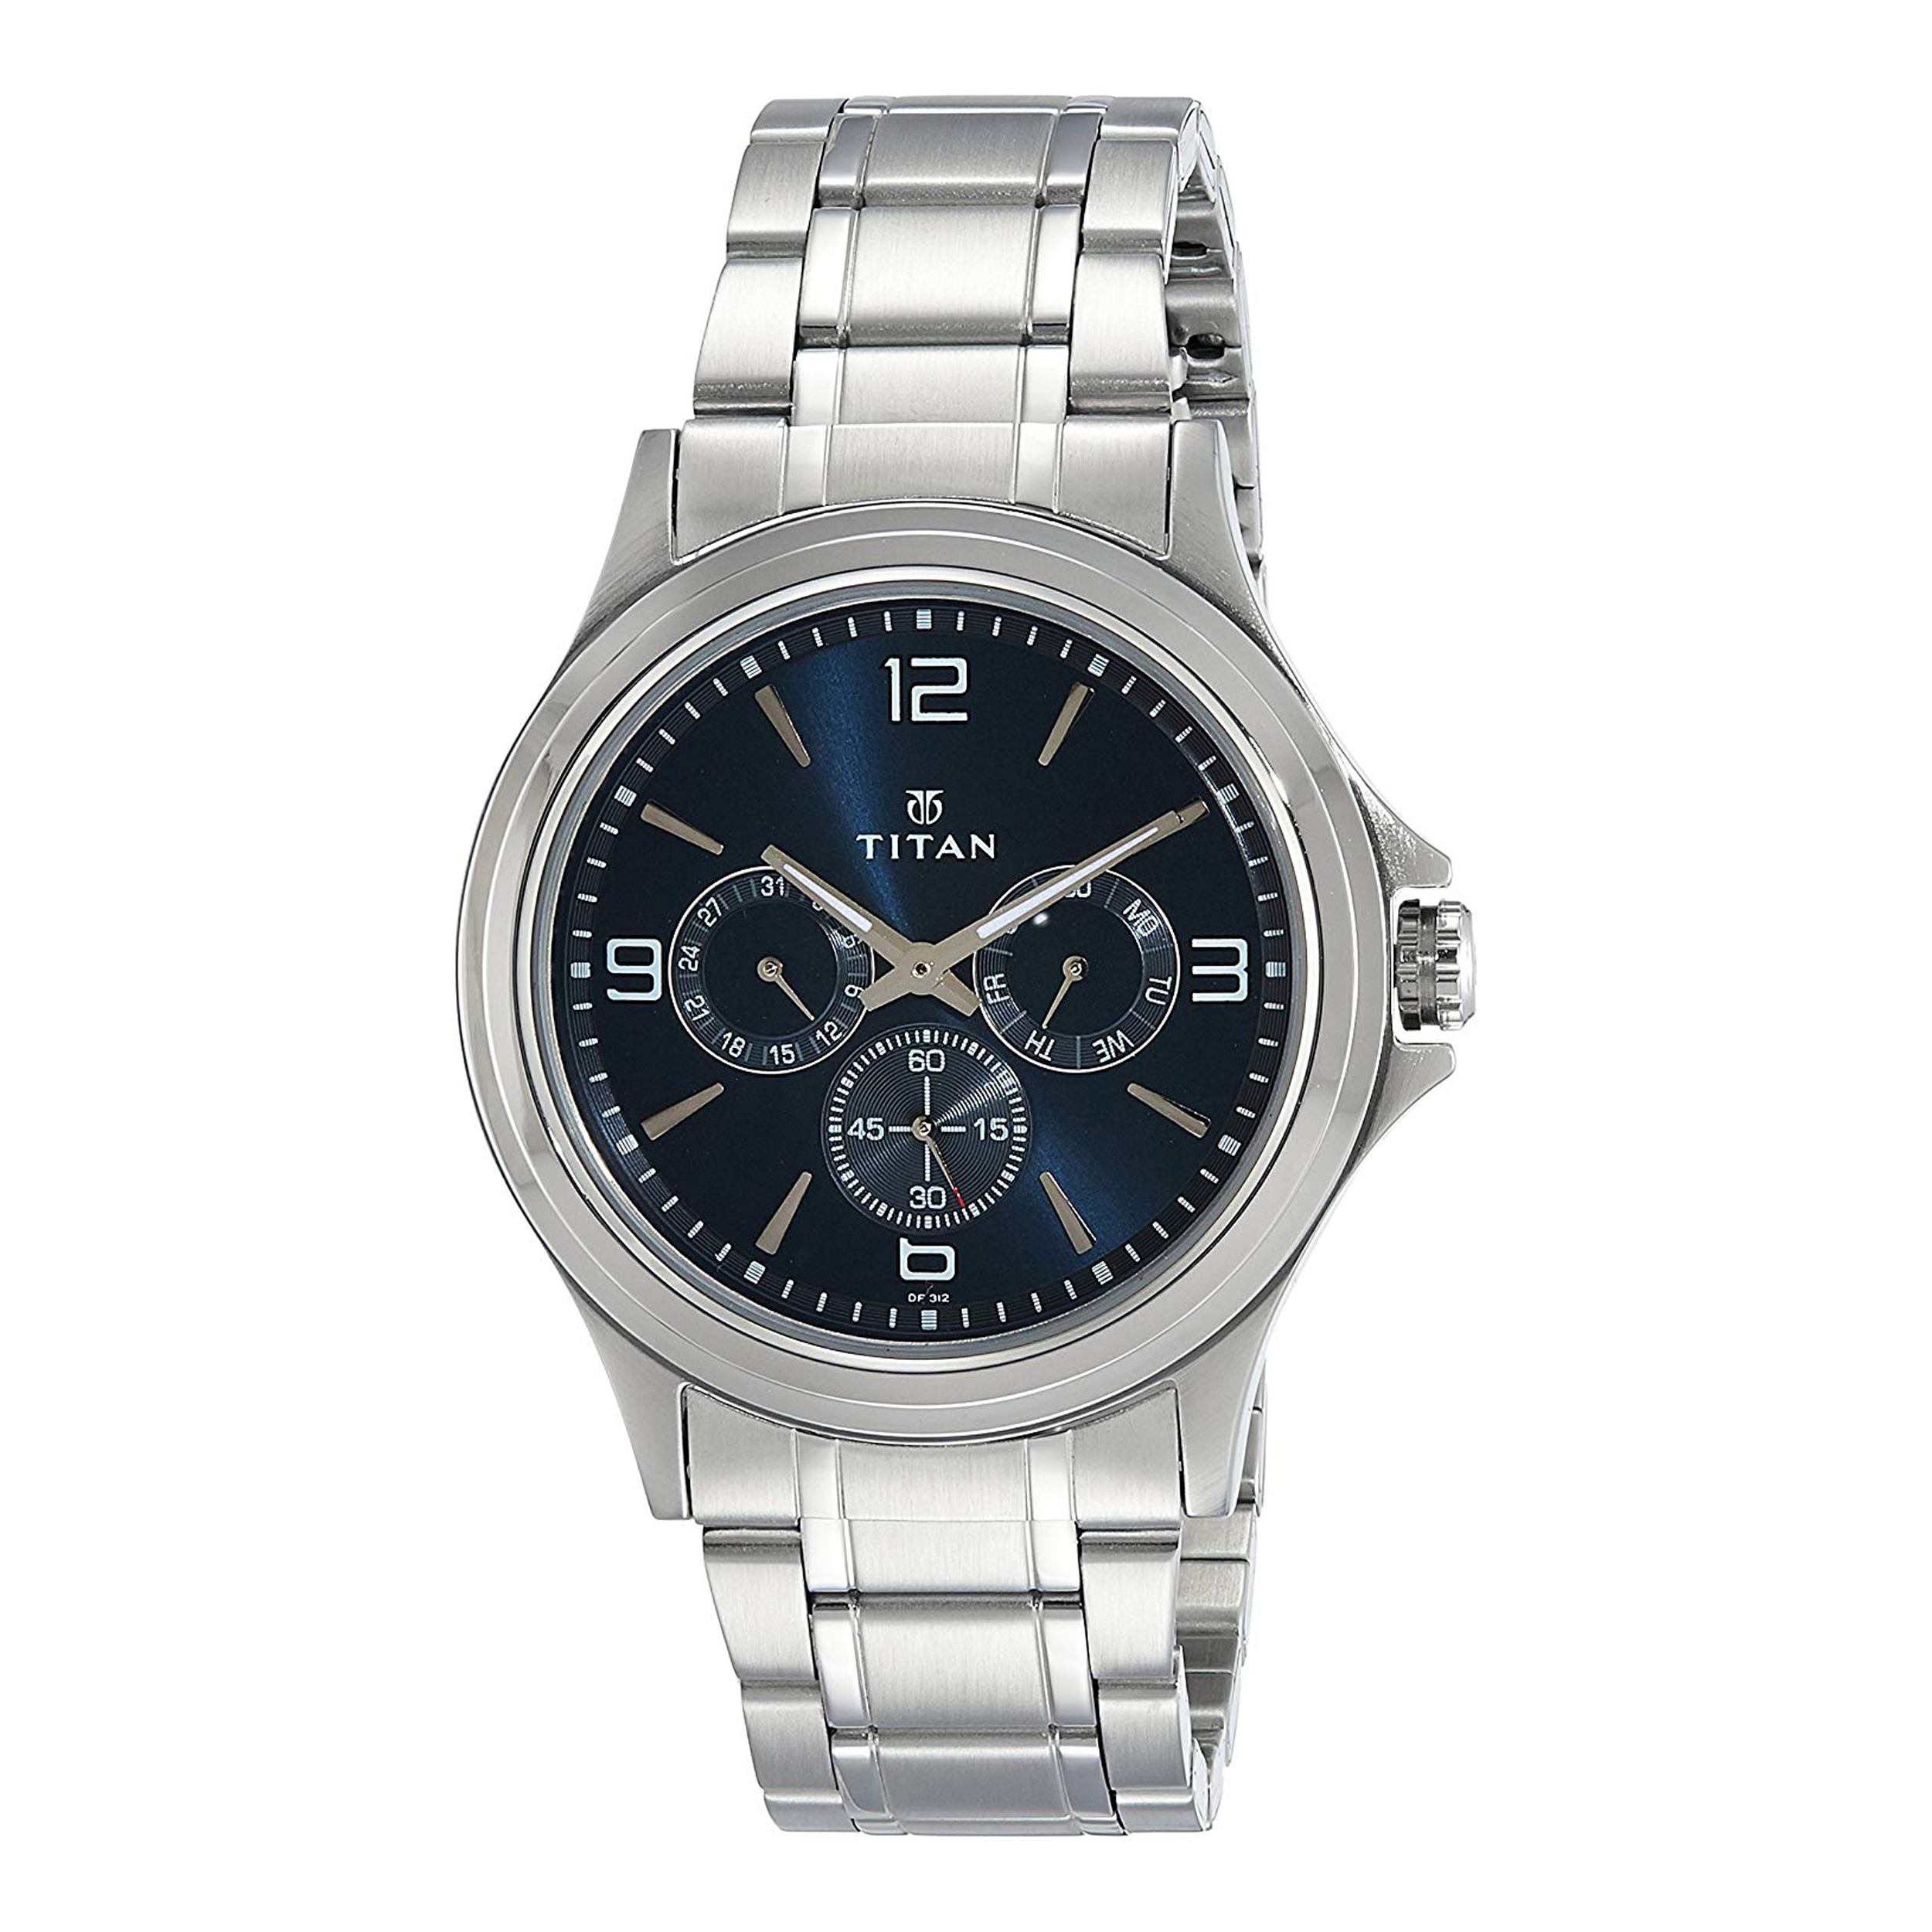 ساعت مچی  مردانه تایتن مدل T1698SM02              اصل